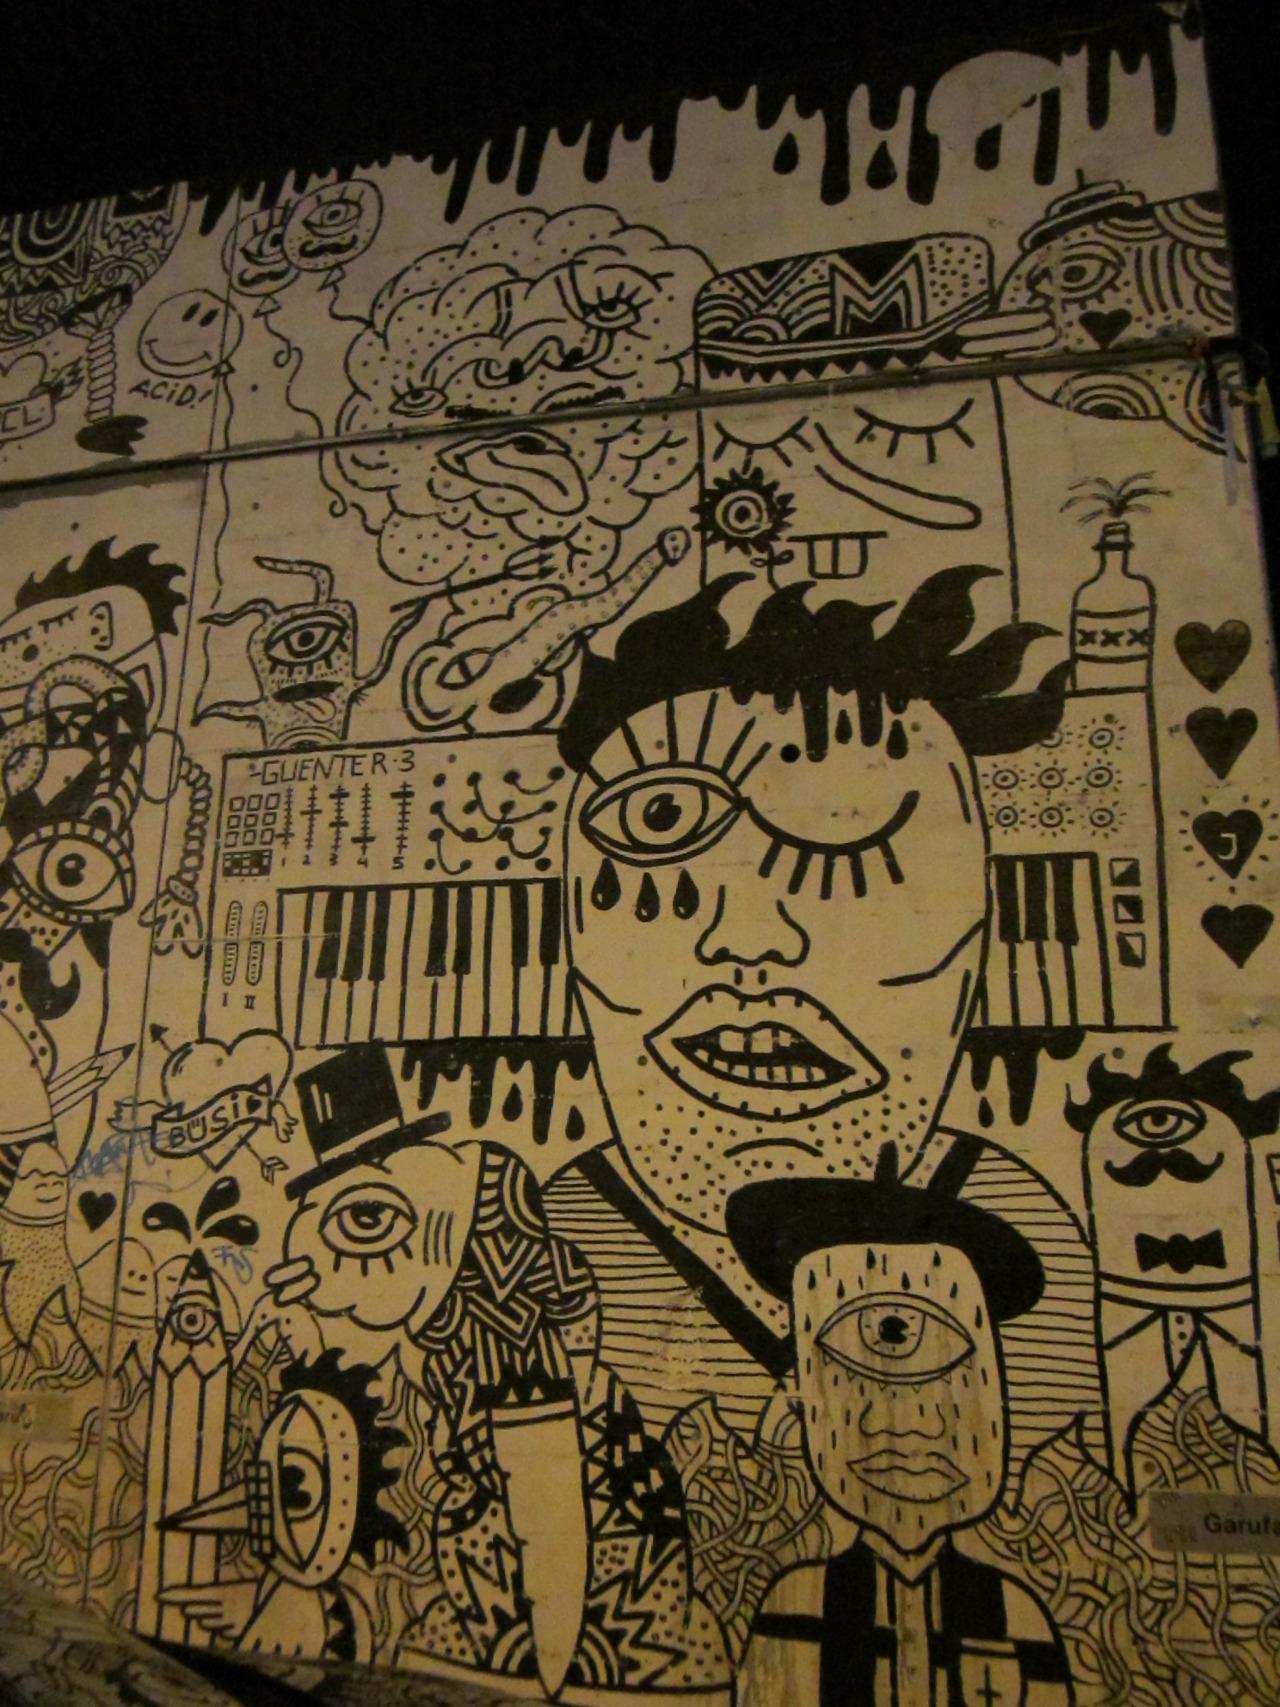 Graffiti aus Zürich, gefunden auf dem Blog von arinacretu .  Falls jemand weiss wo das ist, soll er's mir doch mitteilen bitte!  Over and out. - Allaboutzurich   Update:   Ich habe eine Antwort zu meiner Frage erhalten von arinacretu , danke dazu!:      behind the Schiffbau club, around Schiffbaustrasse 4 – 6 :)